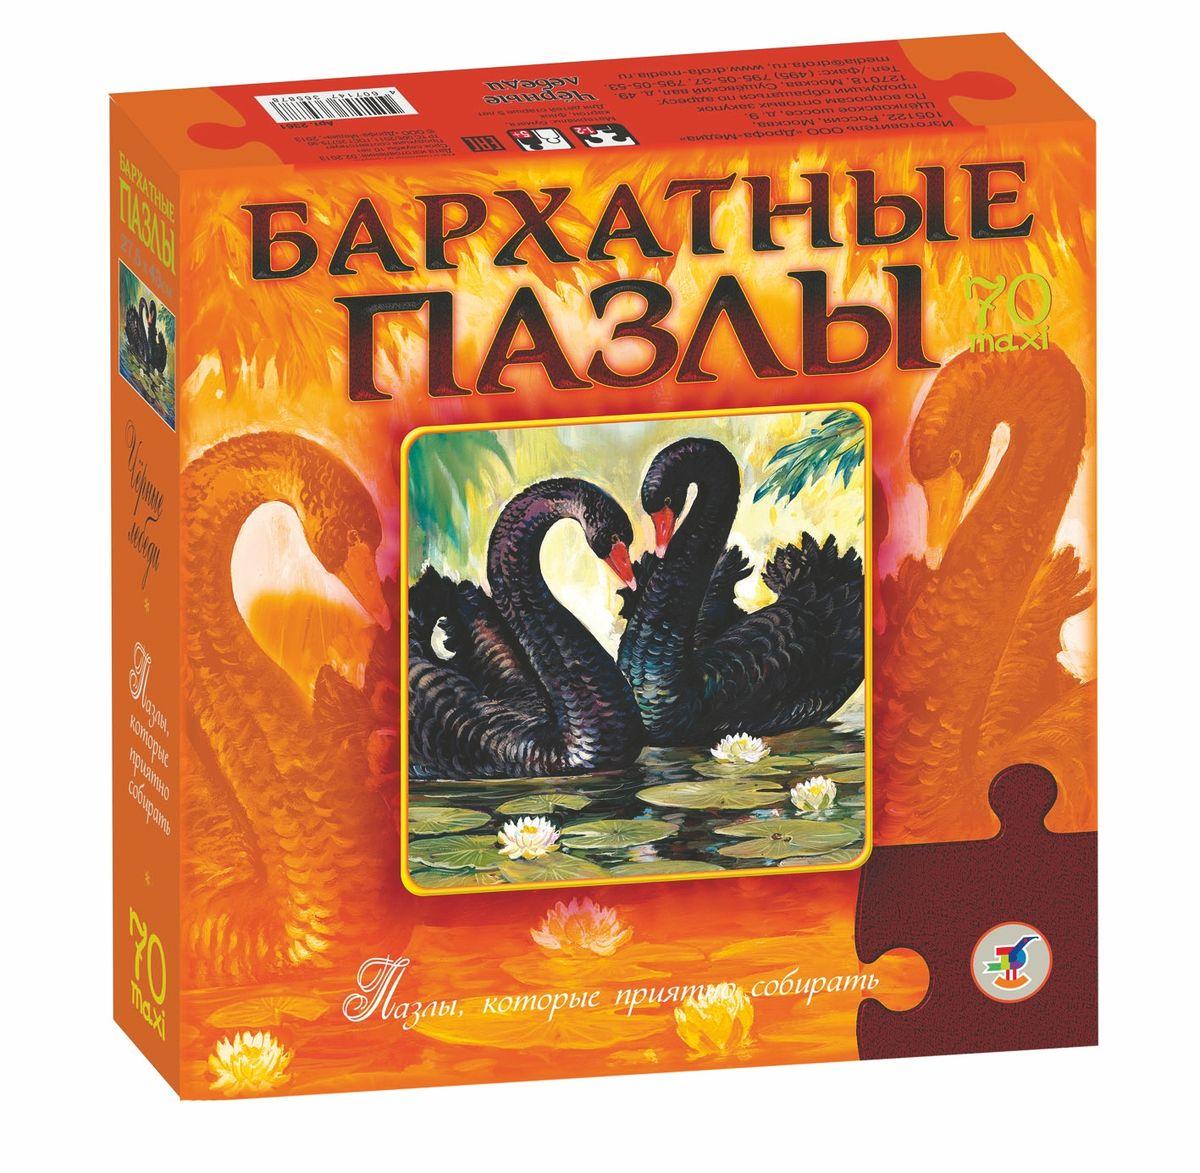 Дрофа-Медиа Пазл для малышей Черные лебеди пазлы дрофа медиа бархатные пазлы тигр новинка черный бархат